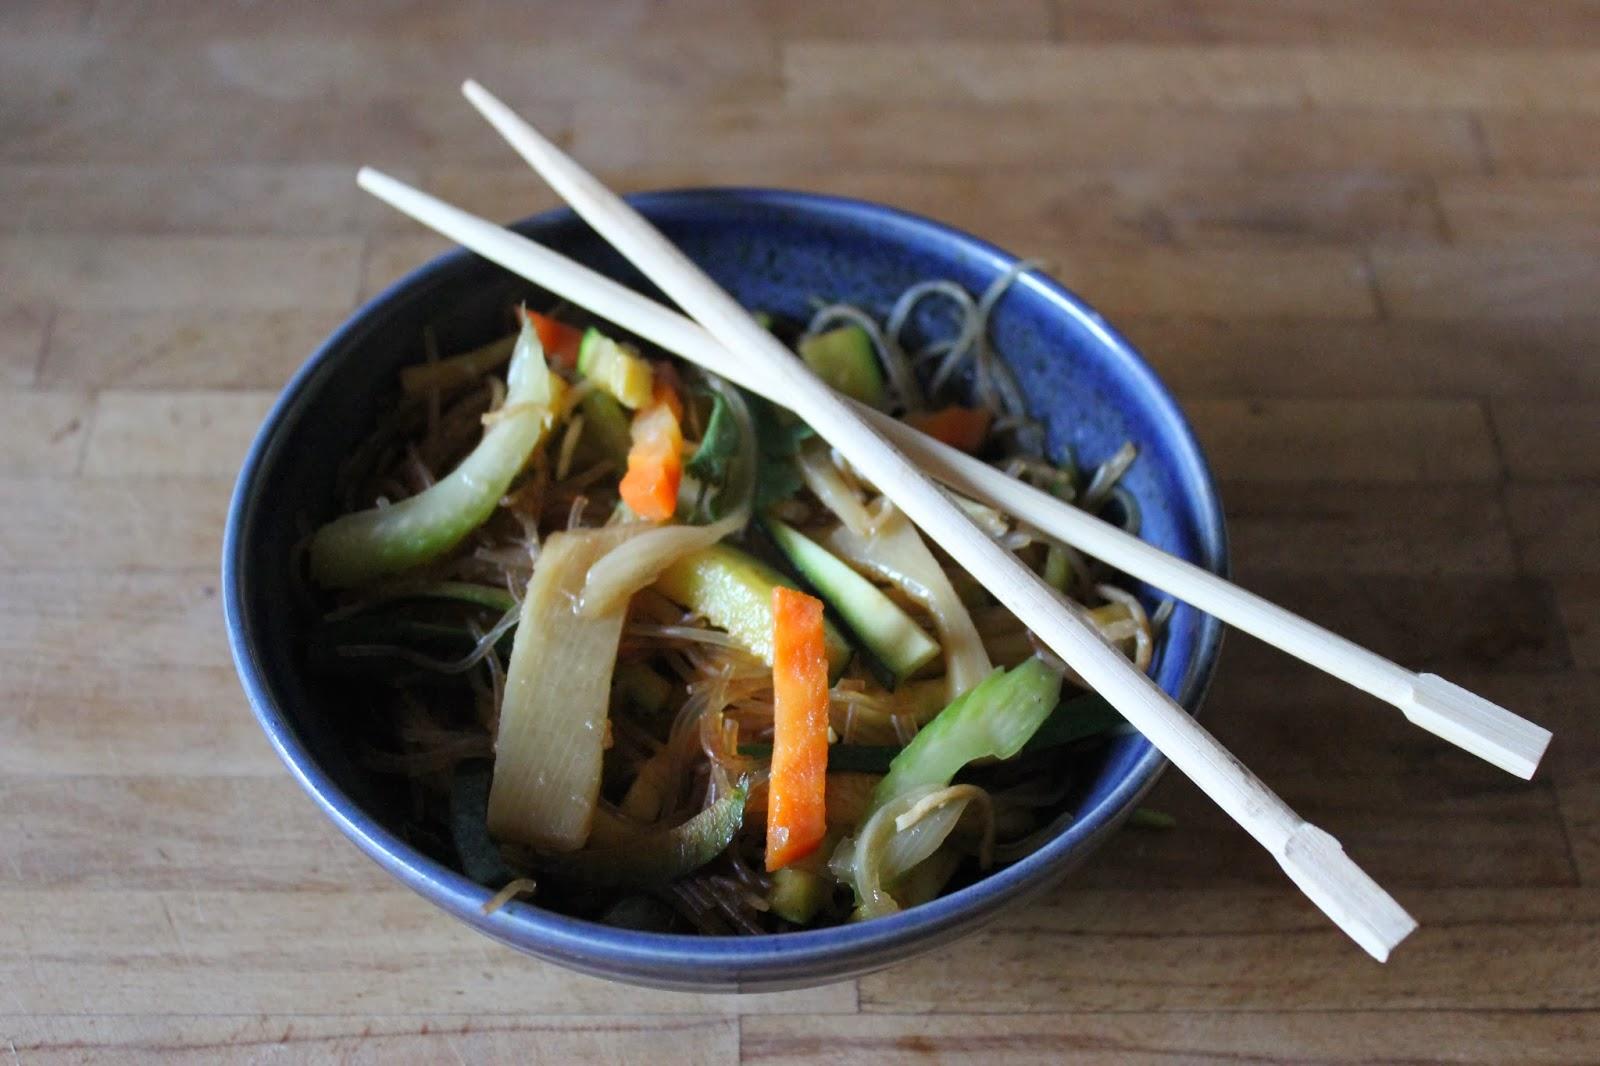 https://cuillereetsaladier.blogspot.com/2013/12/vermicelles-sautes-aux-legumes-et-la.html